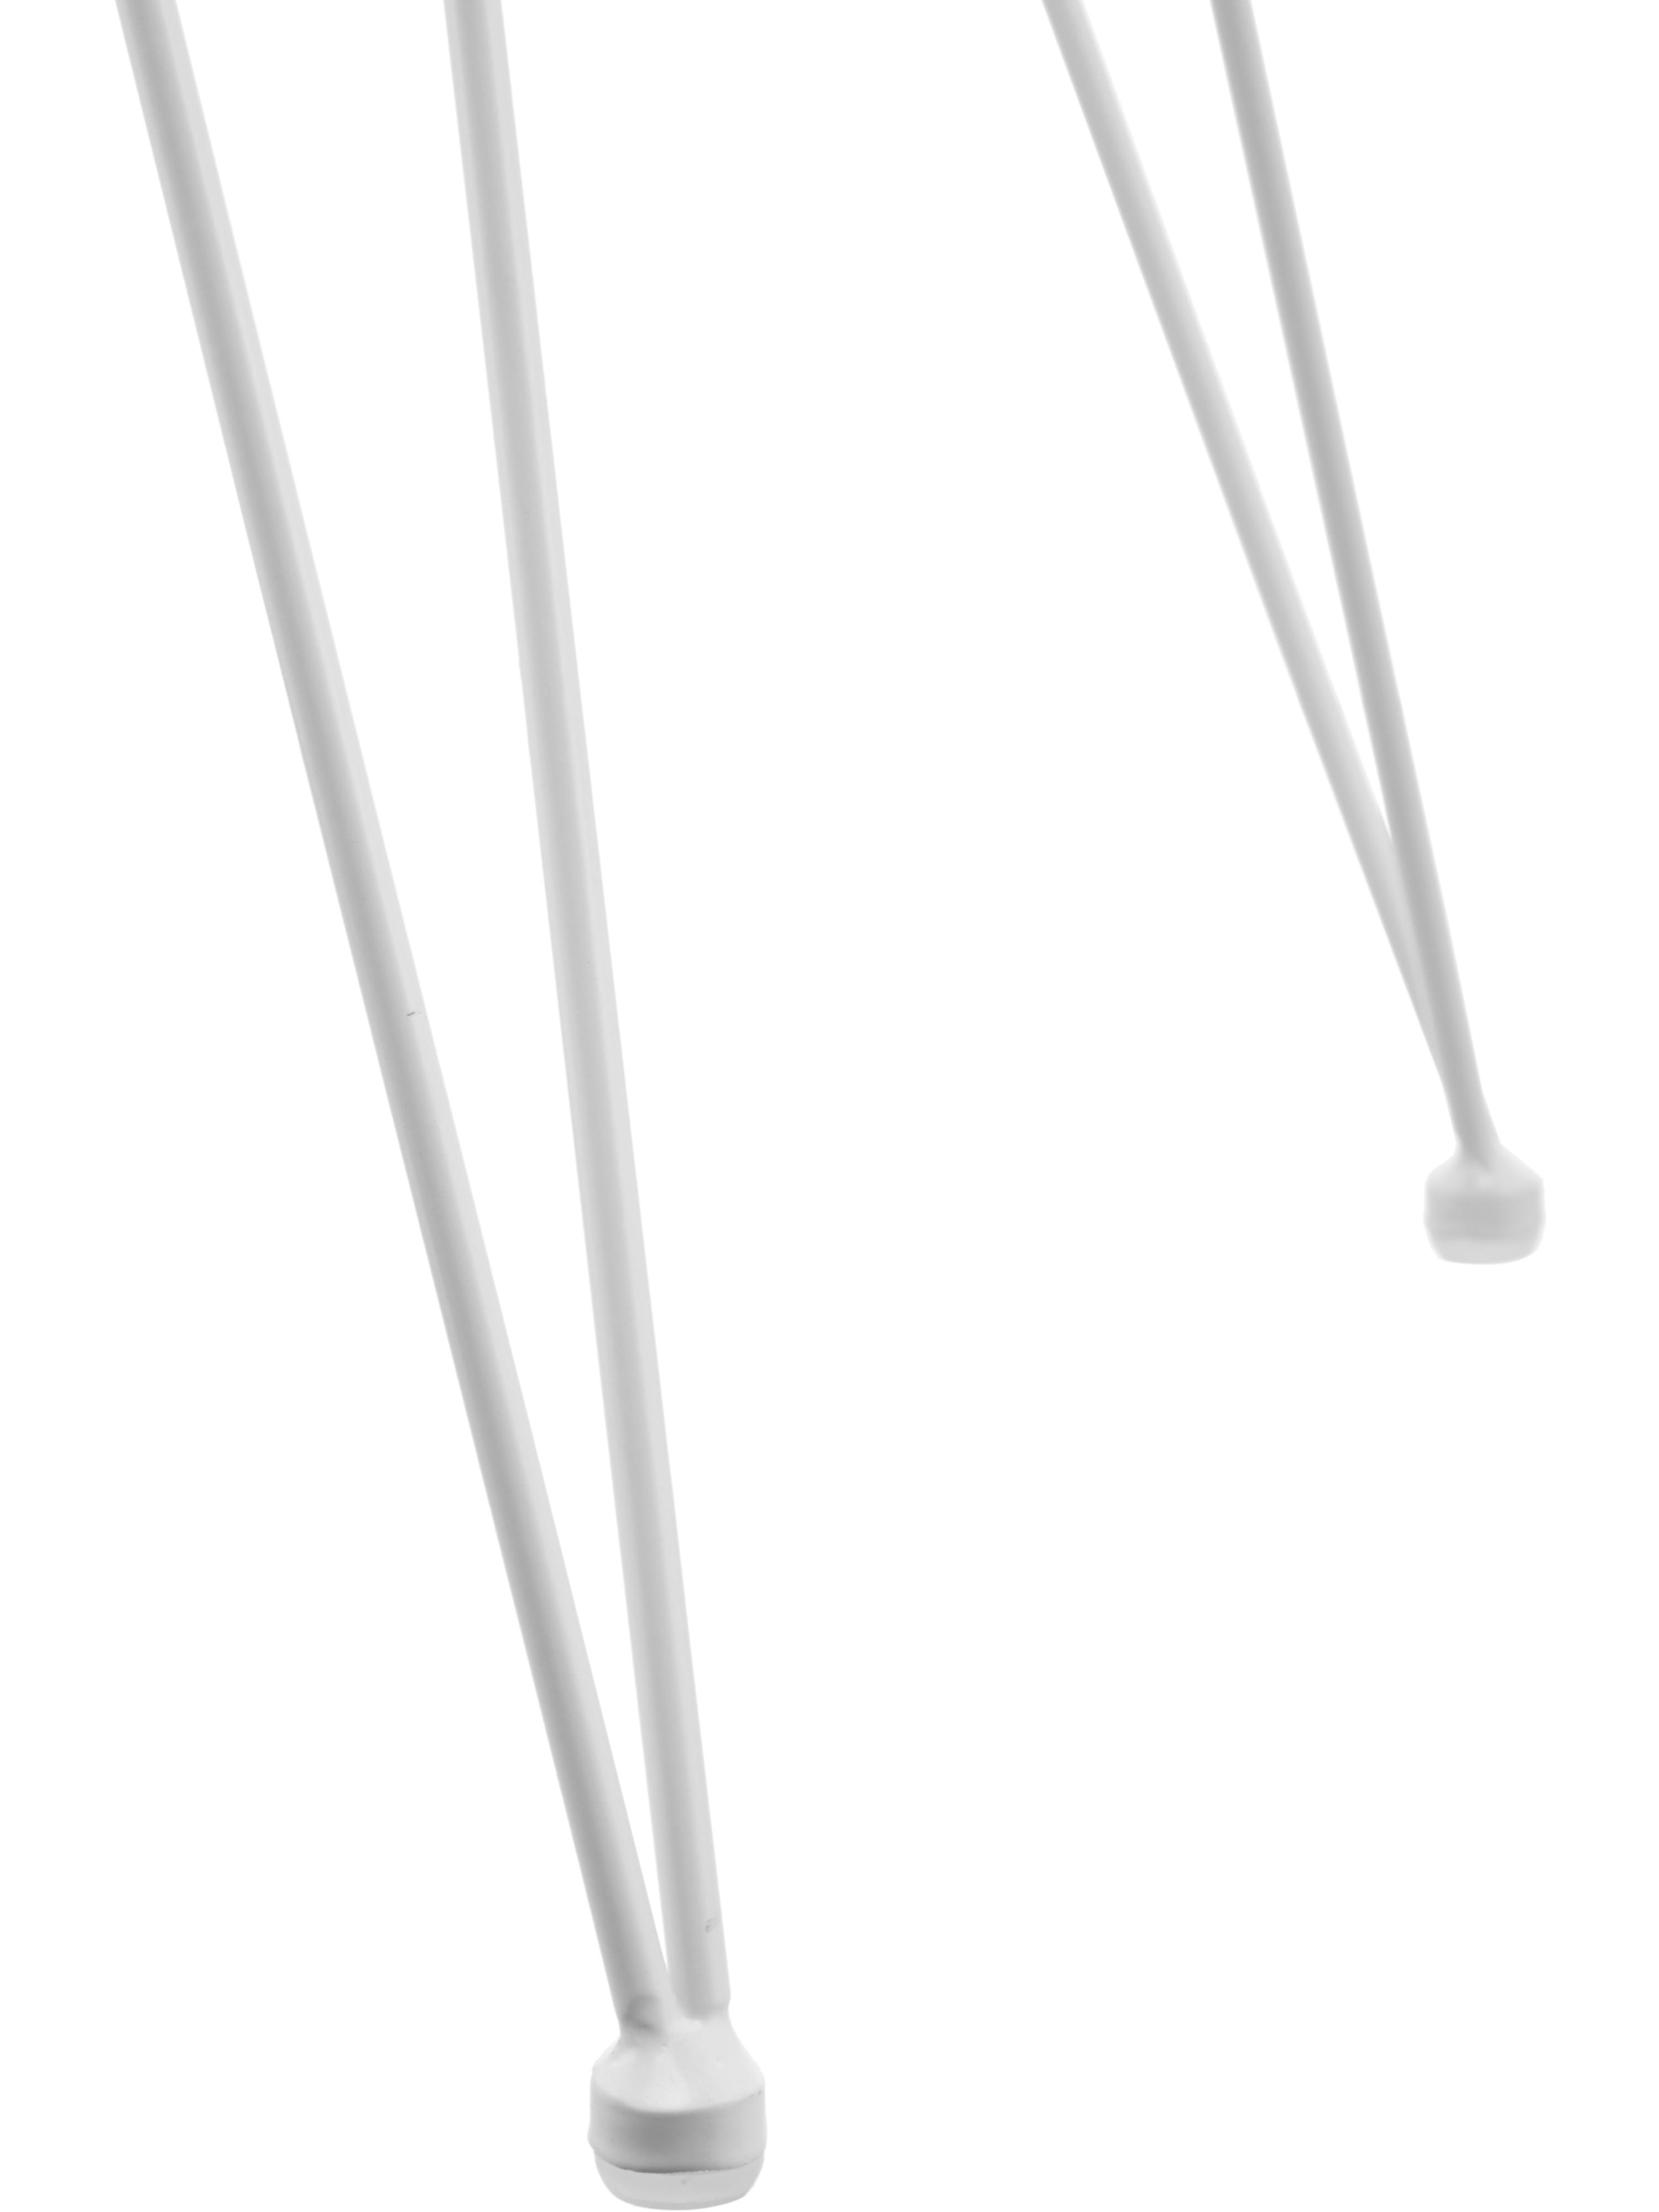 Polyrattan-Armlehnstühle Costa, 2 Stück, Sitzfläche: Polyethylen-Geflecht, Gestell: Metall, pulverbeschichtet, Sitzfläche: WeißGestell: Weiß, matt, B 59 x T 58 cm